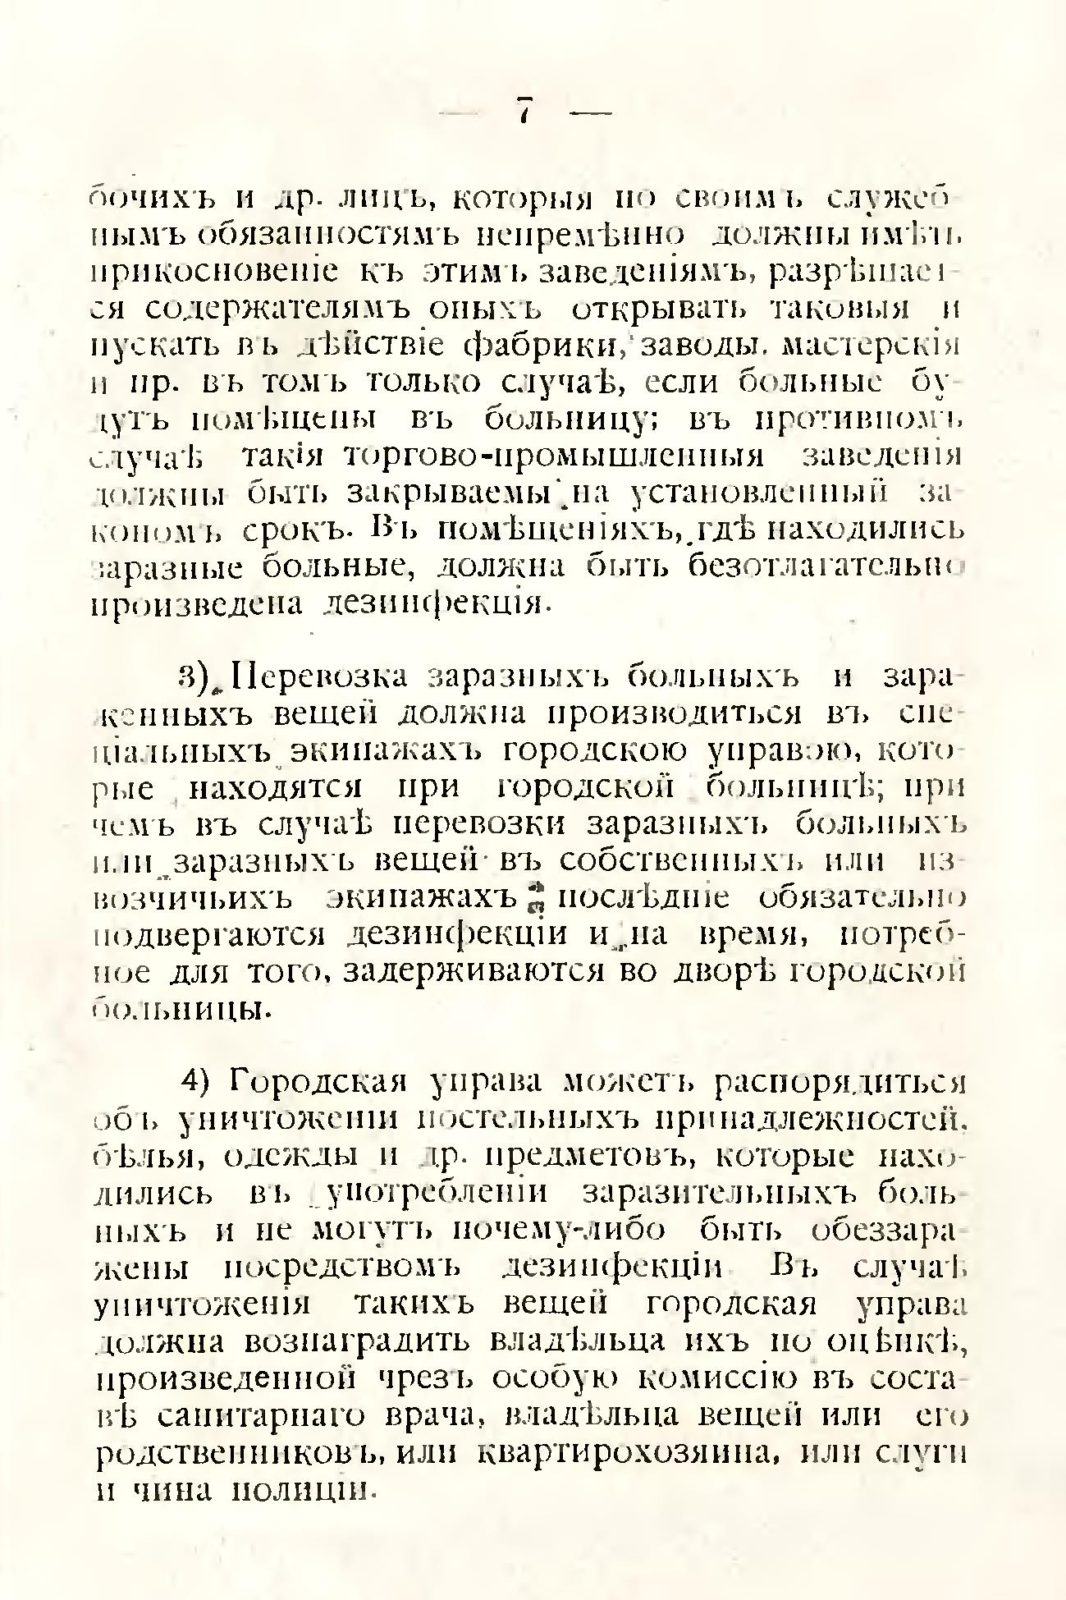 sbornik_obyazatelnyh_postanovlenii_tashkentskoi_gorodskoi_du_11